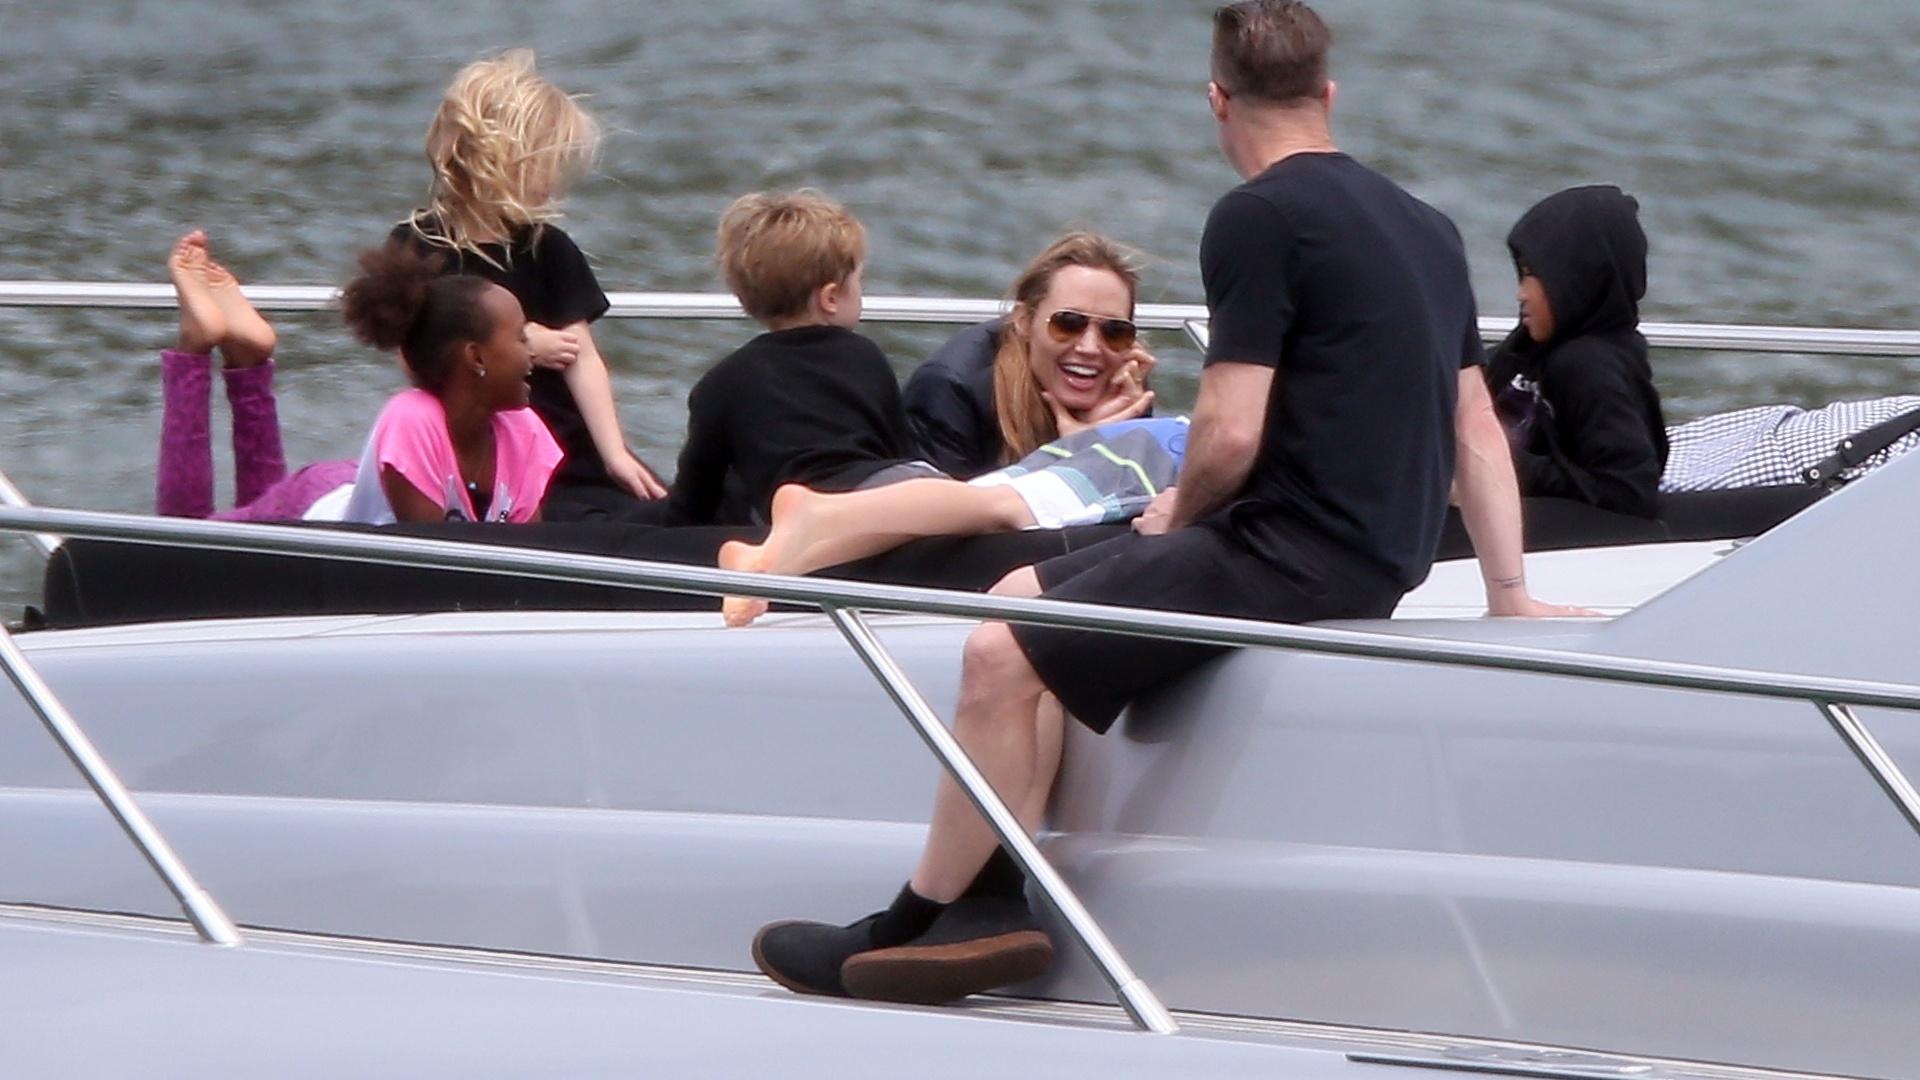 3.dez.2013 - Brad Pitt e Angelina Jolie se divertem com os seis filhos: Zahara, Vivienne, Knox, Pax, Shiloh e Maddox, em iate em Sydneydez.2013 - Brad Pitt e Angelina Jolie se divertem com os seis filhos: Zahara, Vivienne, Knox, Pax, Shiloh e Maddox